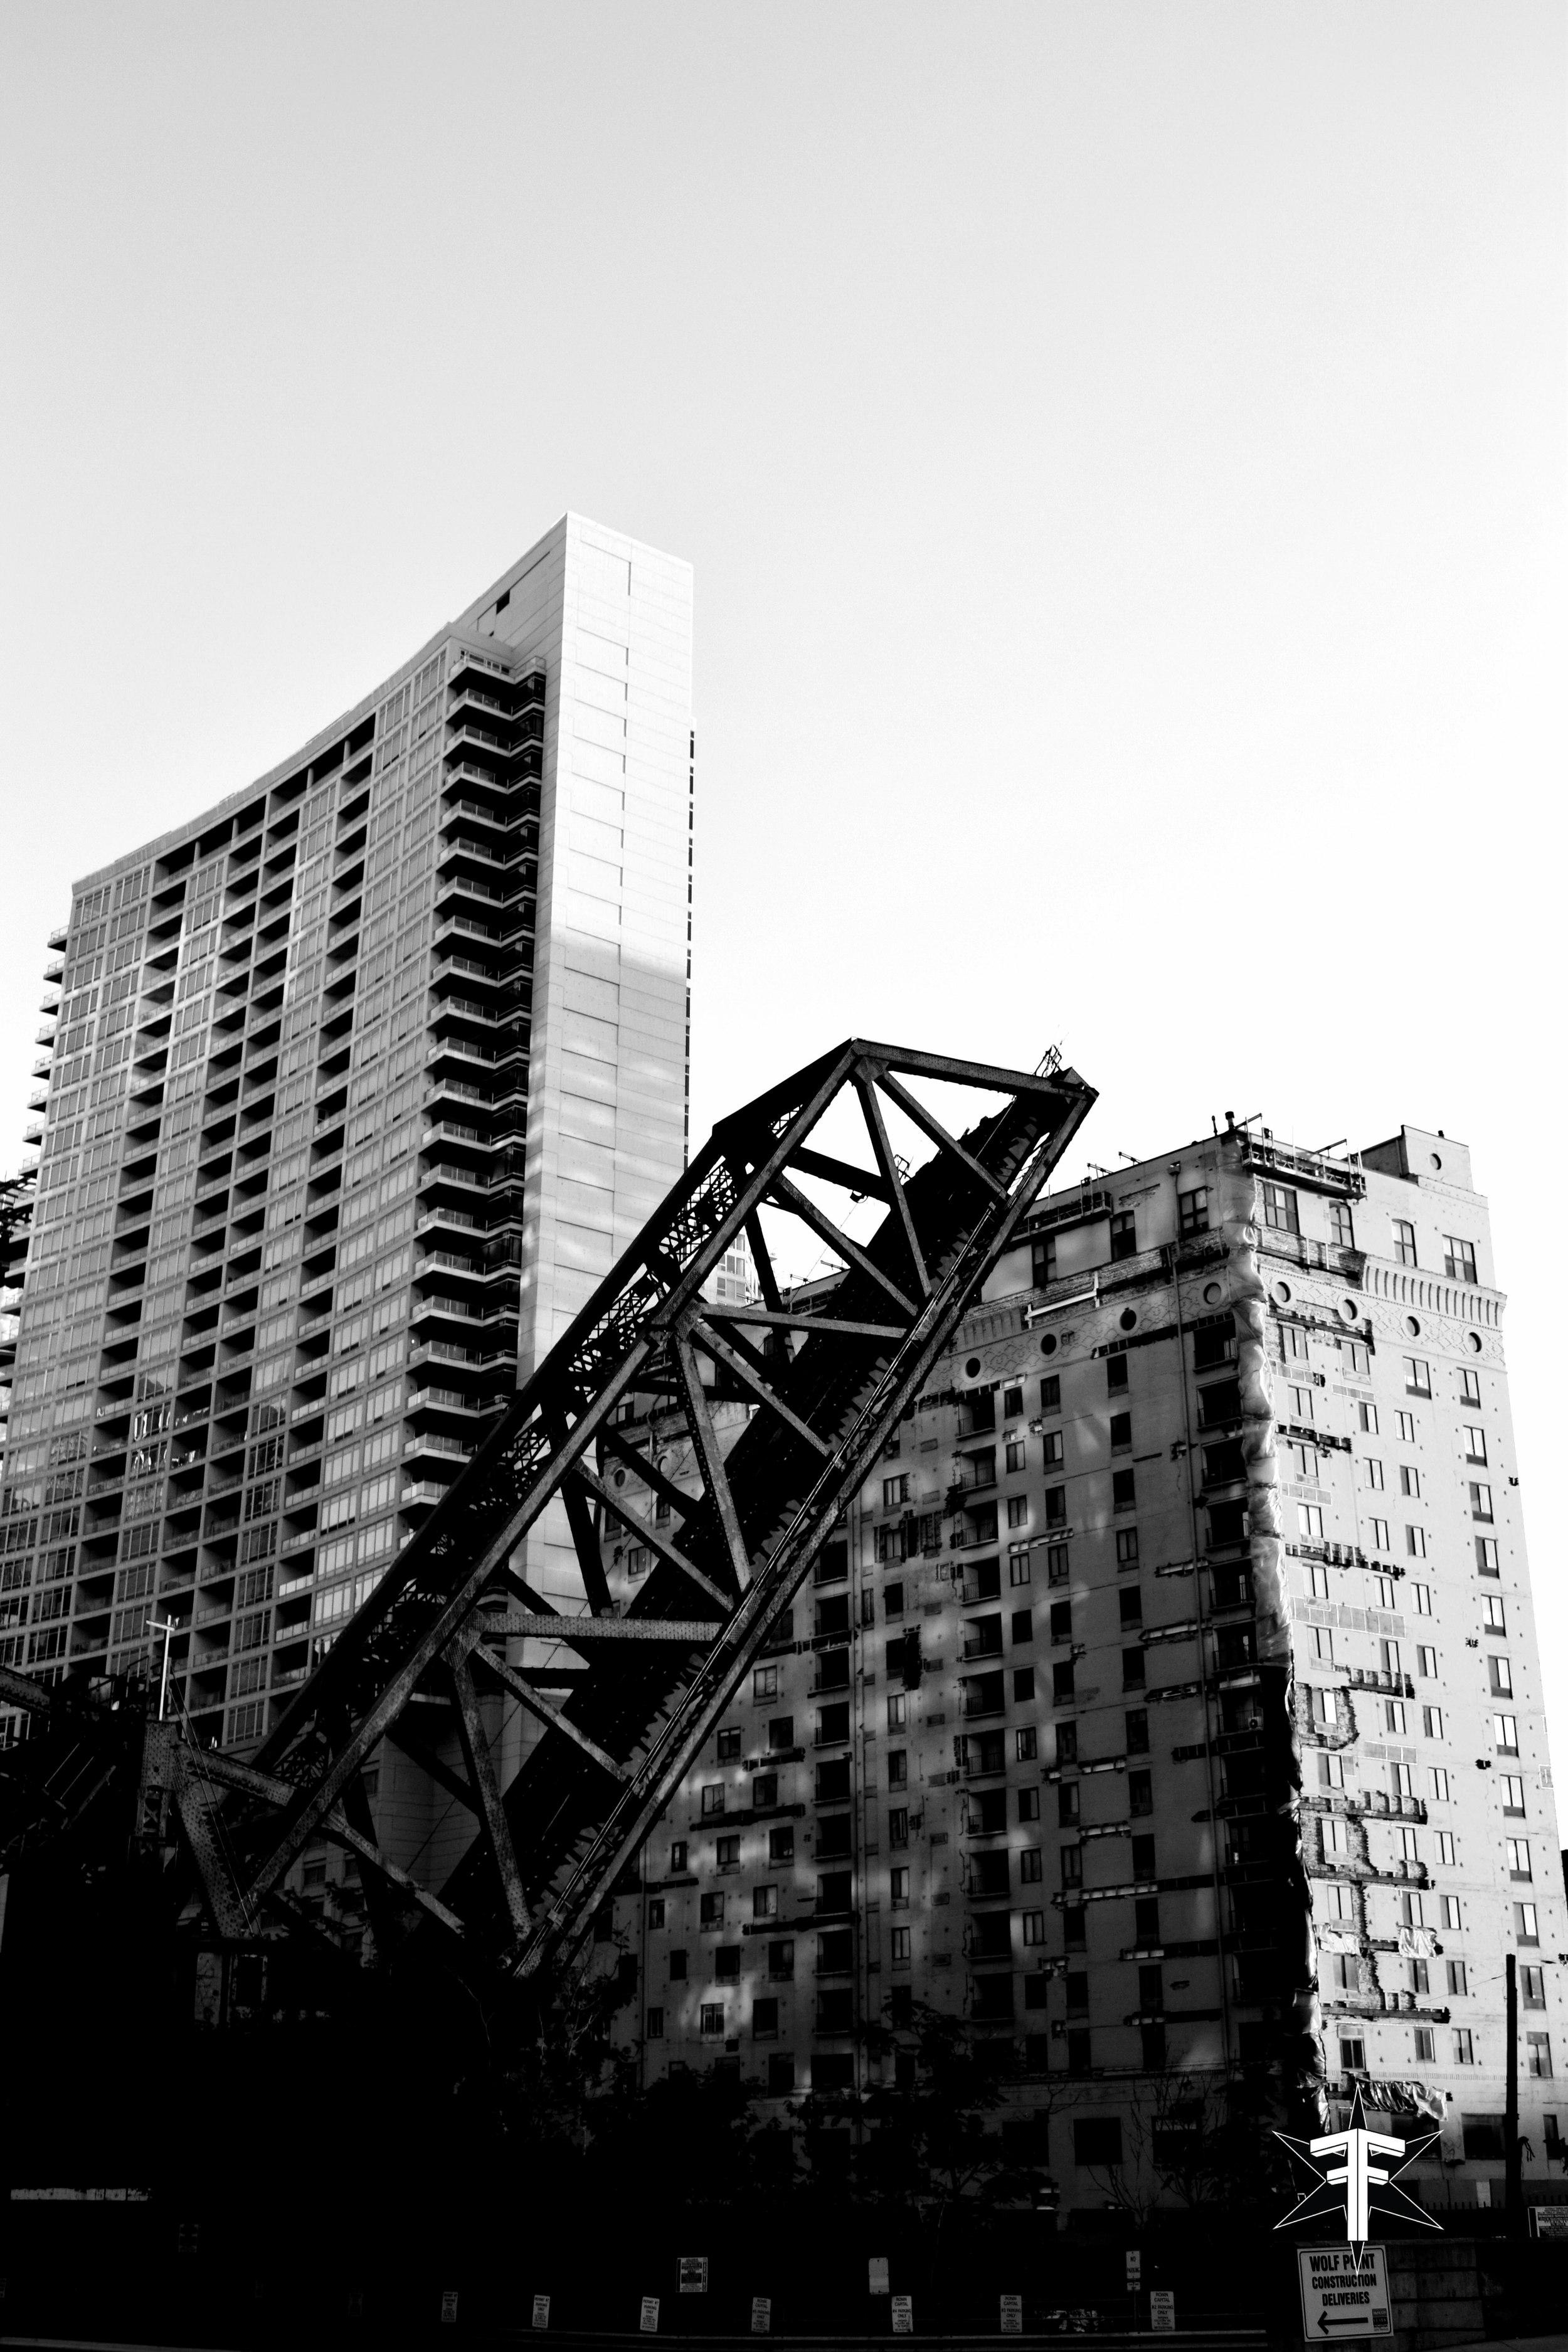 chicago architecture eric formato photography design arquitectura architettura buildings skyscraper skyscrapers-105.jpg